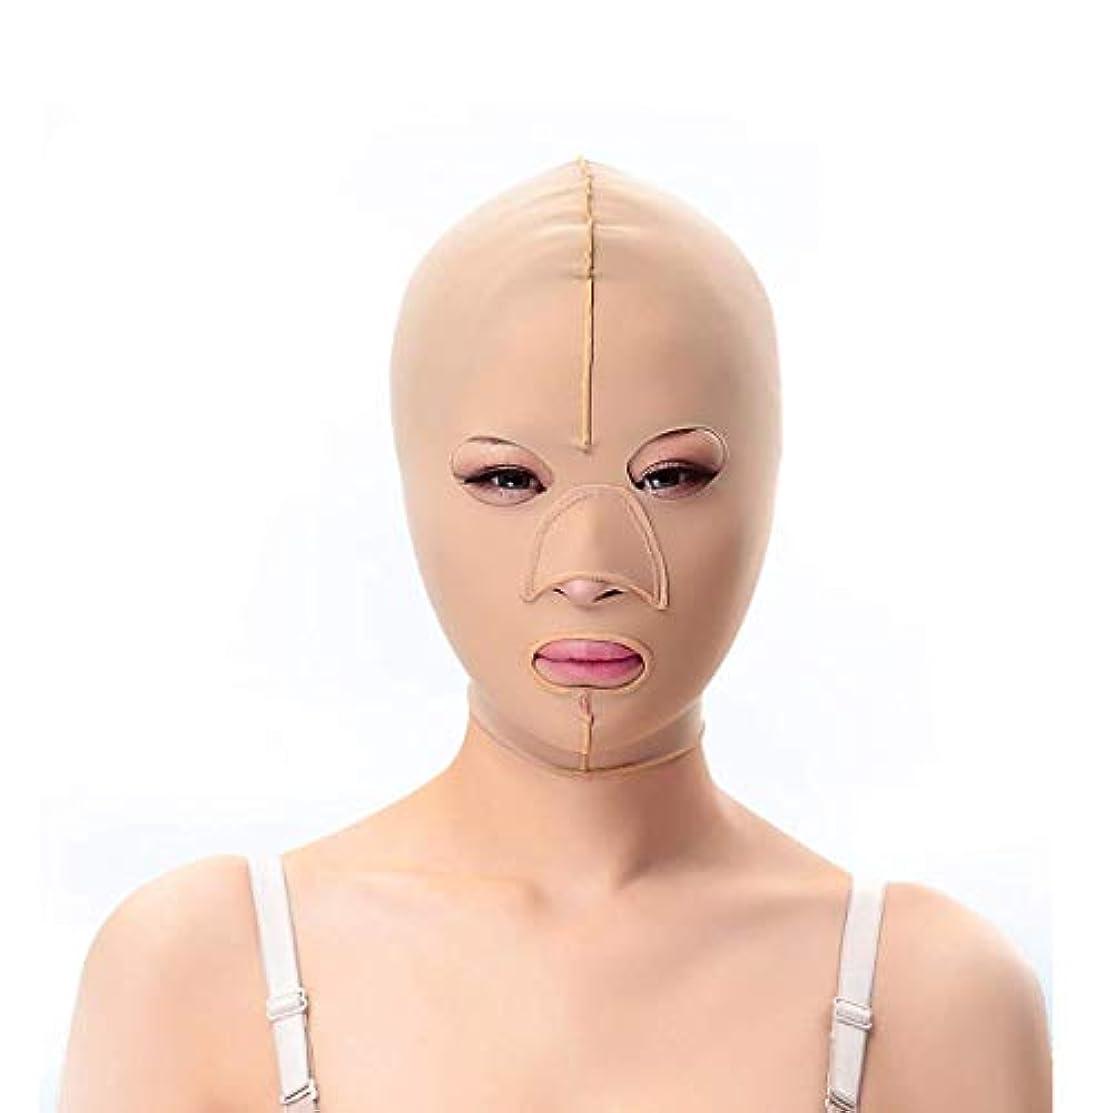 配管失望一貫したスリミングベルト、フェイシャルマスク薄いフェイスマスク布布パターンリフティングダブルあご引き締めフェイシャルプラスチック顔アーティファクト強力な顔包帯(サイズ:M)